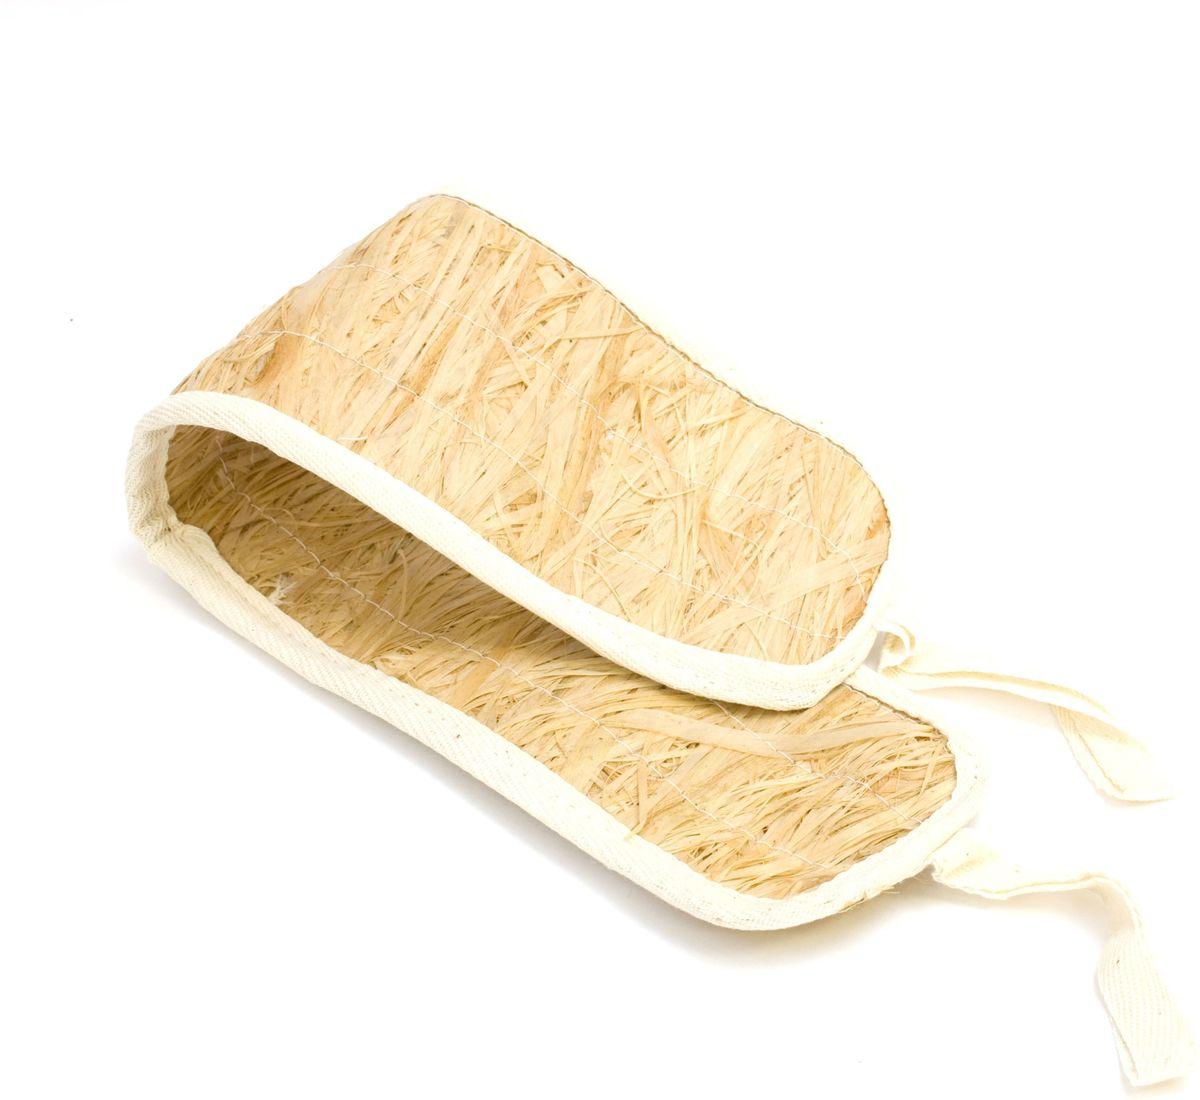 Мочалка Eva, лыковая, с ручками. М20Я28_желтый, розовый, белыйПри изготовлении мочалки используется натуральный природный материал - обработанный внутренний слой коры липы. При использовании мочалки волокна лыка выделяют фитонциды - лучшее средство для профилактики простудных заболеваний. Лыковая мочалка – стопроцентно природный и экологически чистый аксессуар для ухода за вашей кожей.